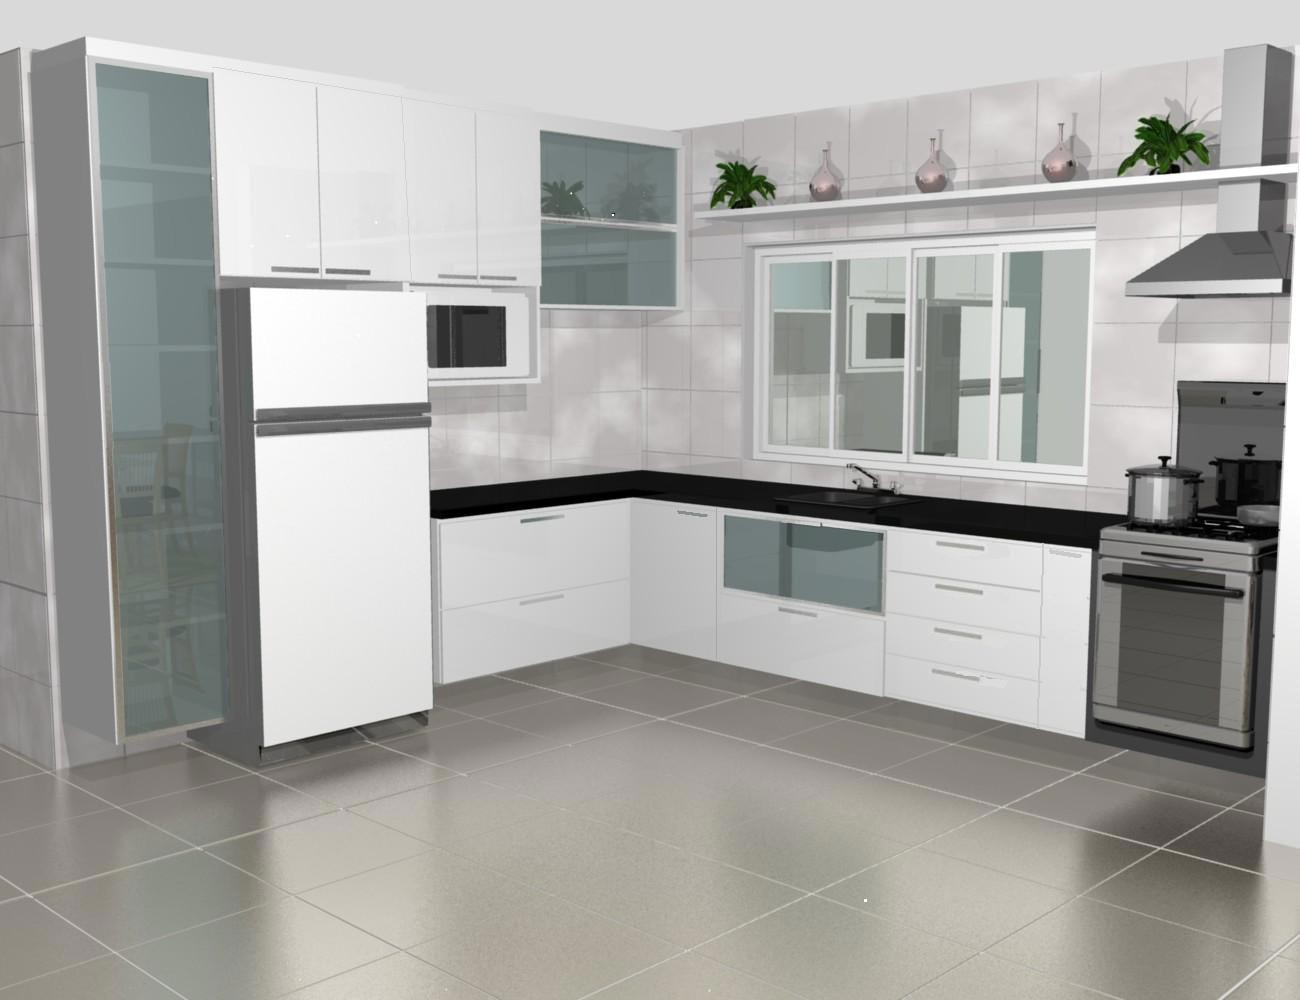 Fotos de cozinhas planejadas  Fotos de cozinhas planejadas